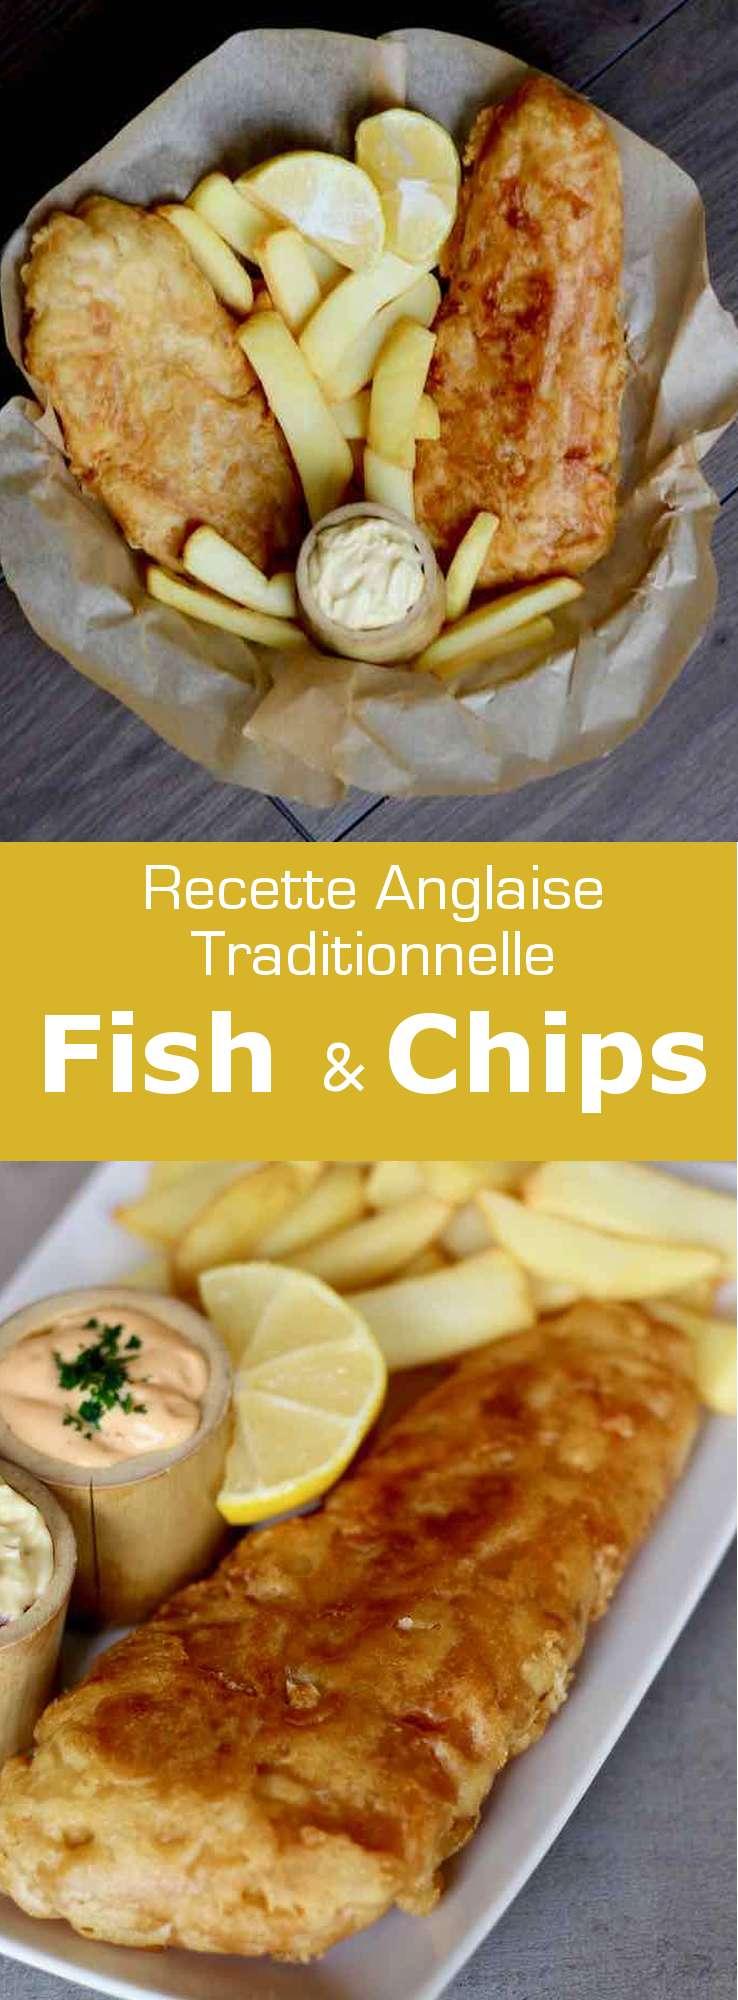 Lefish and chips(poisson et frites), du poisson pané et des frites, est un plat populaire duRoyaume-Uni, mais aussi enAustralie et en Nouvelle-Zélande. #RoyaumeUni #Angleterre #RecetteAnglaise #RecetteBritannique #CuisineAnglaise #CuisineBritannique #CuisineDuMonde #196flavors